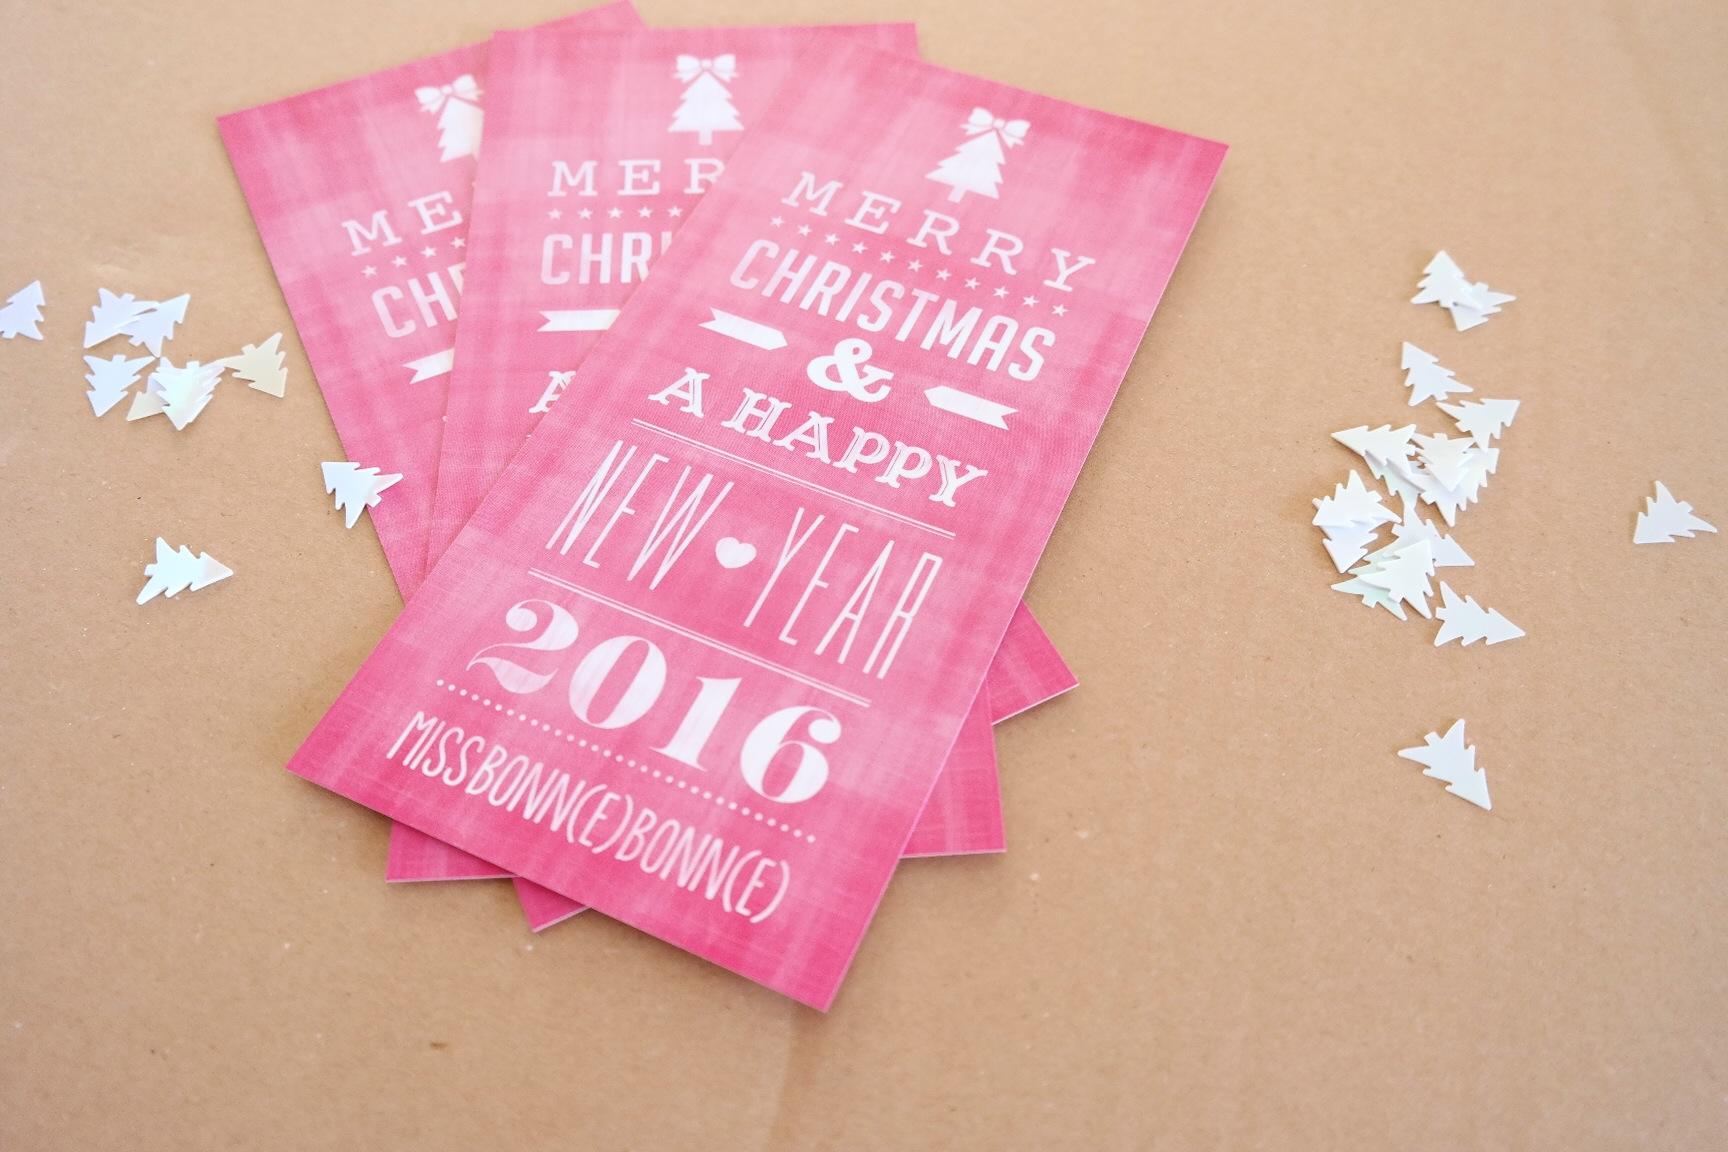 Weihnachtskarten Was Schreiben.Weihnachtspost Gehört Einfach Dazu Missbonn E Bonn E